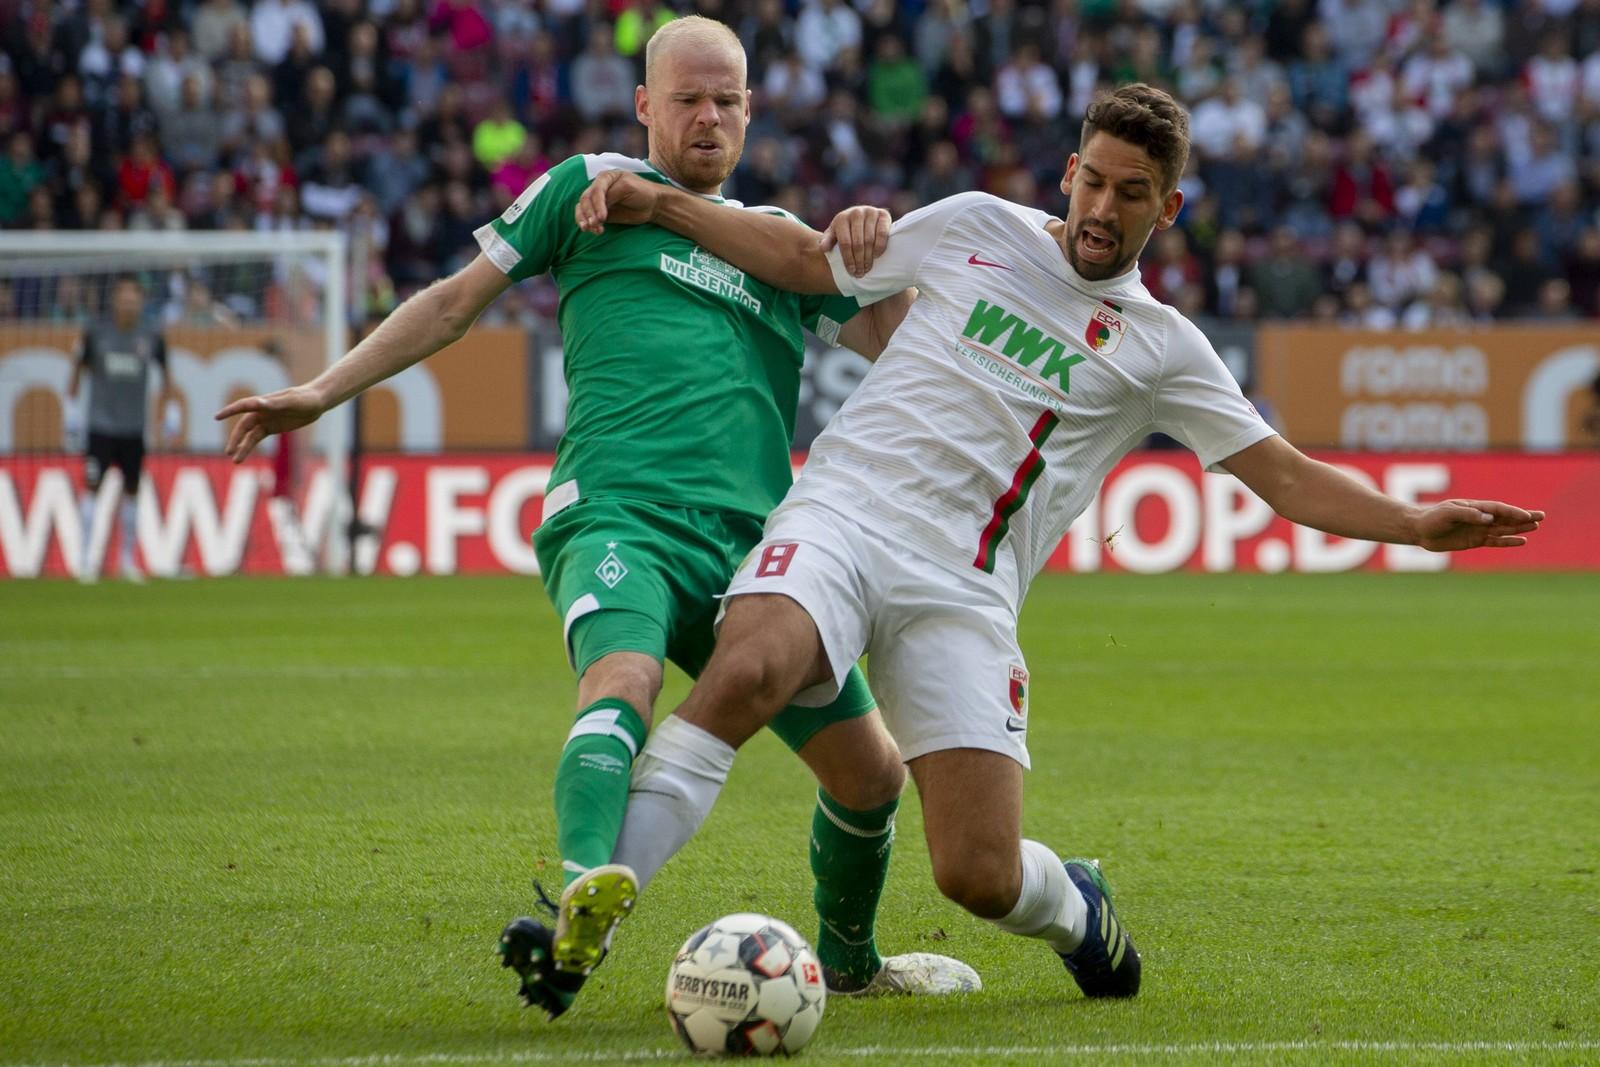 Nimmt Davy Klaassen mit Werder auch die Hürde Augsburg? Jetzt auf Bremen gegen Augsburg wetten!